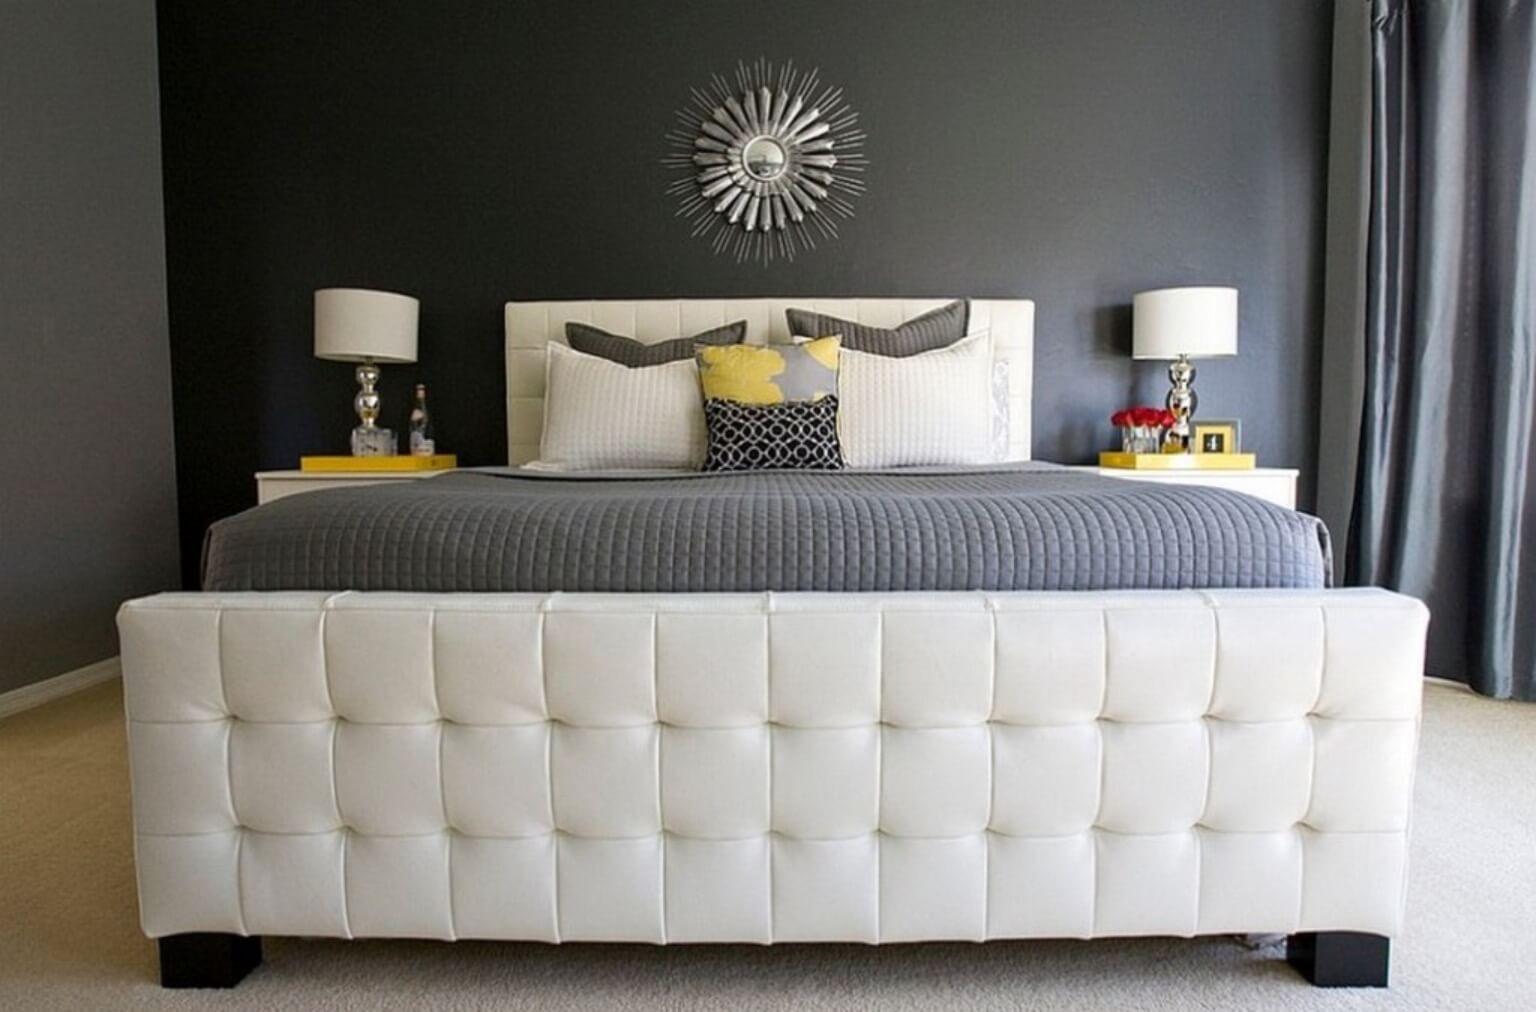 Nếu bạn yêu thích màu xám vì vẻ đẹp trung tính mà chúng mang lại, bạn có thể nghĩ đến việc sử dụng kết hợp thêm sắc vàng, trắng và đen để có được một phòng ngủ hoàn hảo nhất.